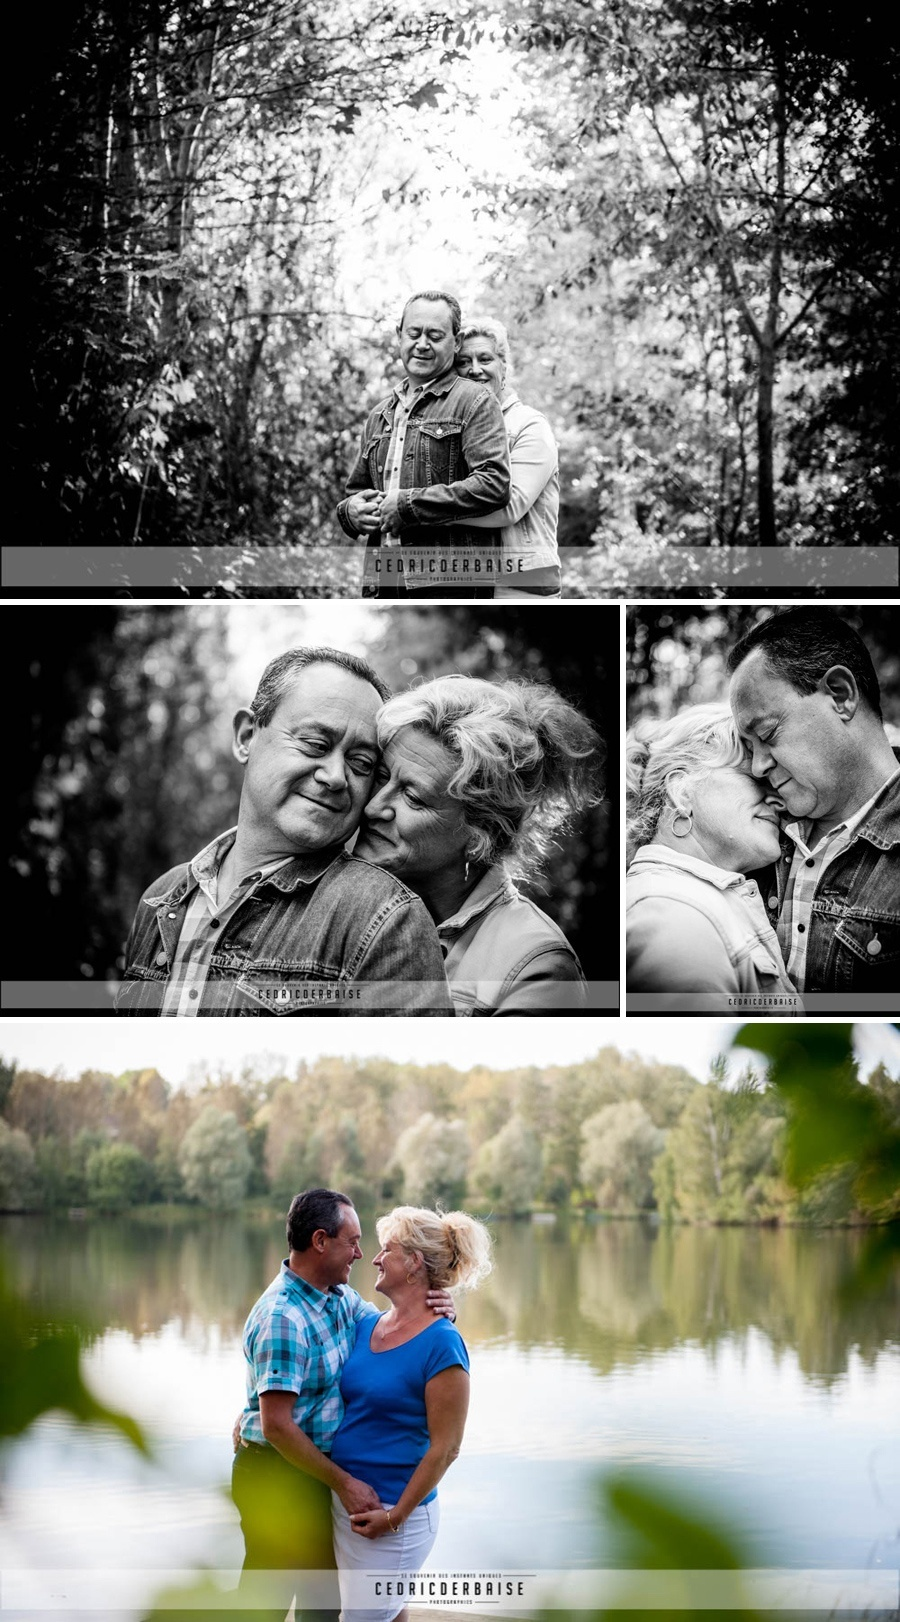 séance couple-photo d'amoureux